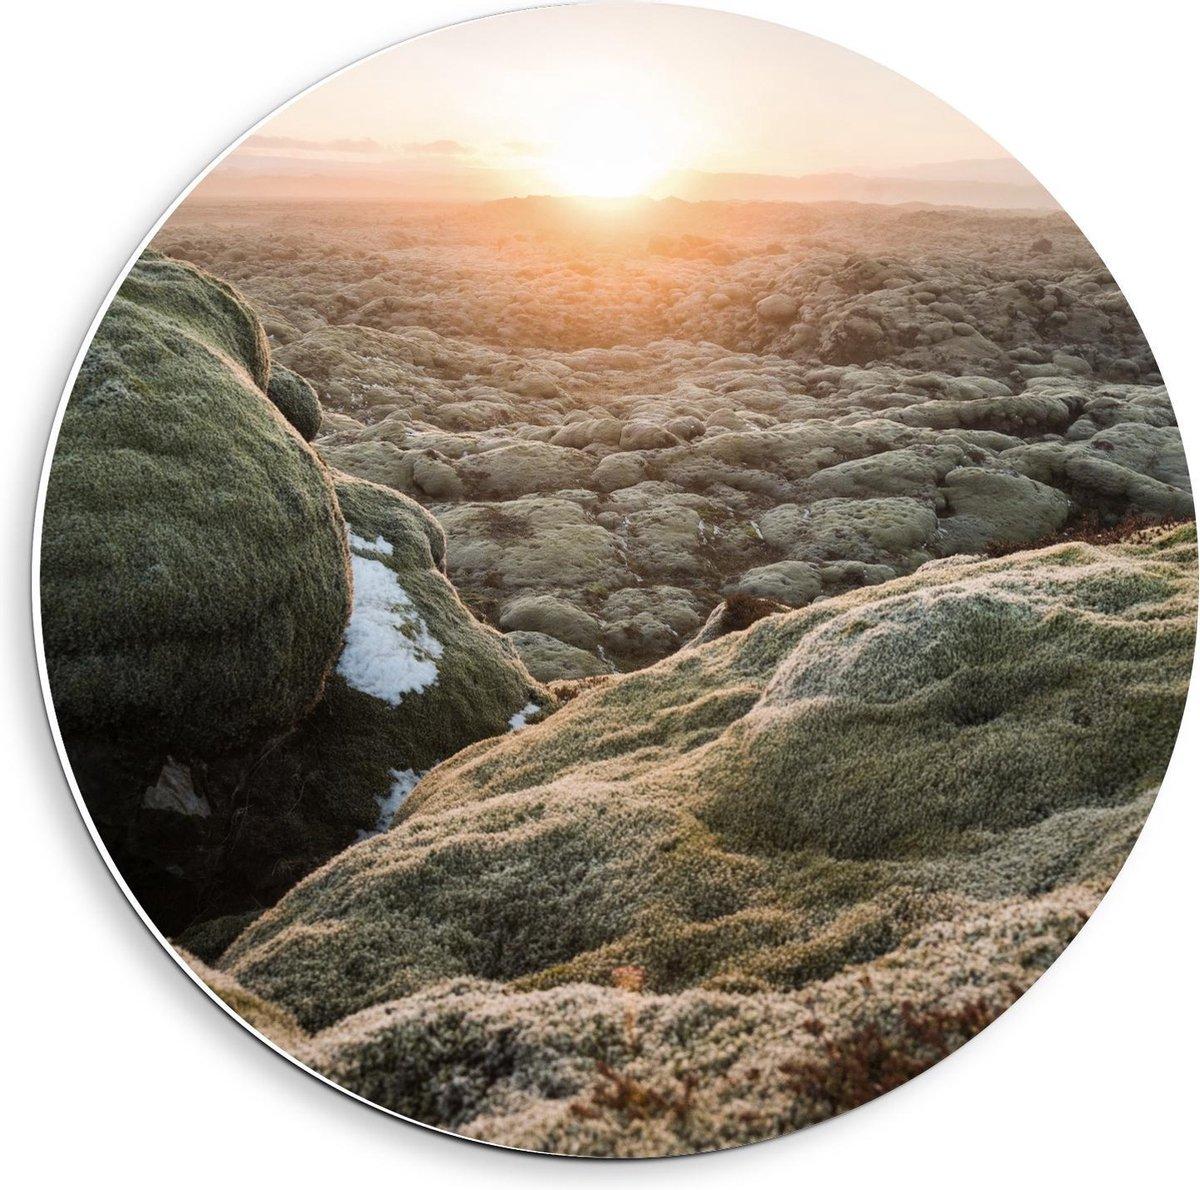 Forex Wandcirkel - Mossige Rotsen met Ondergaande Zon - 40x40cm Foto op Wandcirkel (met ophangsysteem)